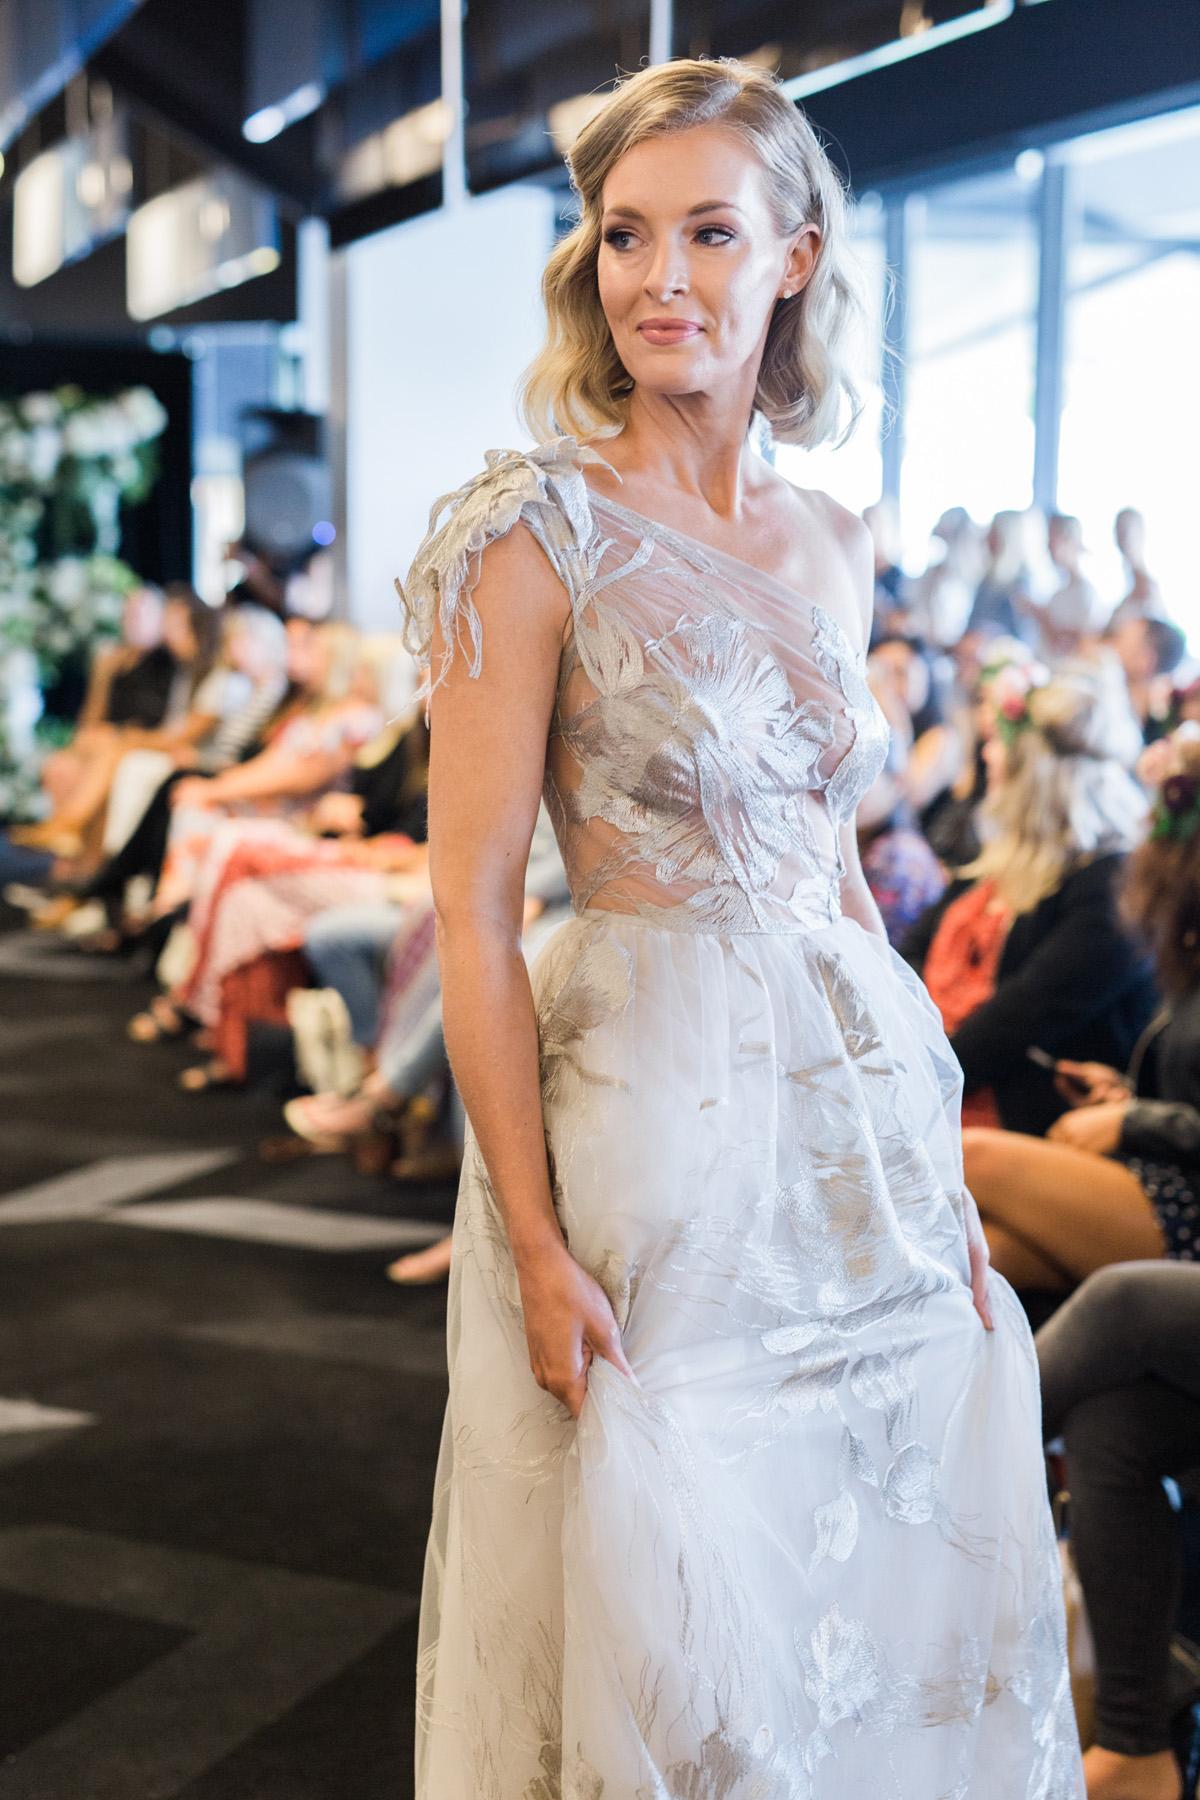 Love-Wedding-Festival-Sydney-Wedding-Gown-Angela-Osagie-29.jpg